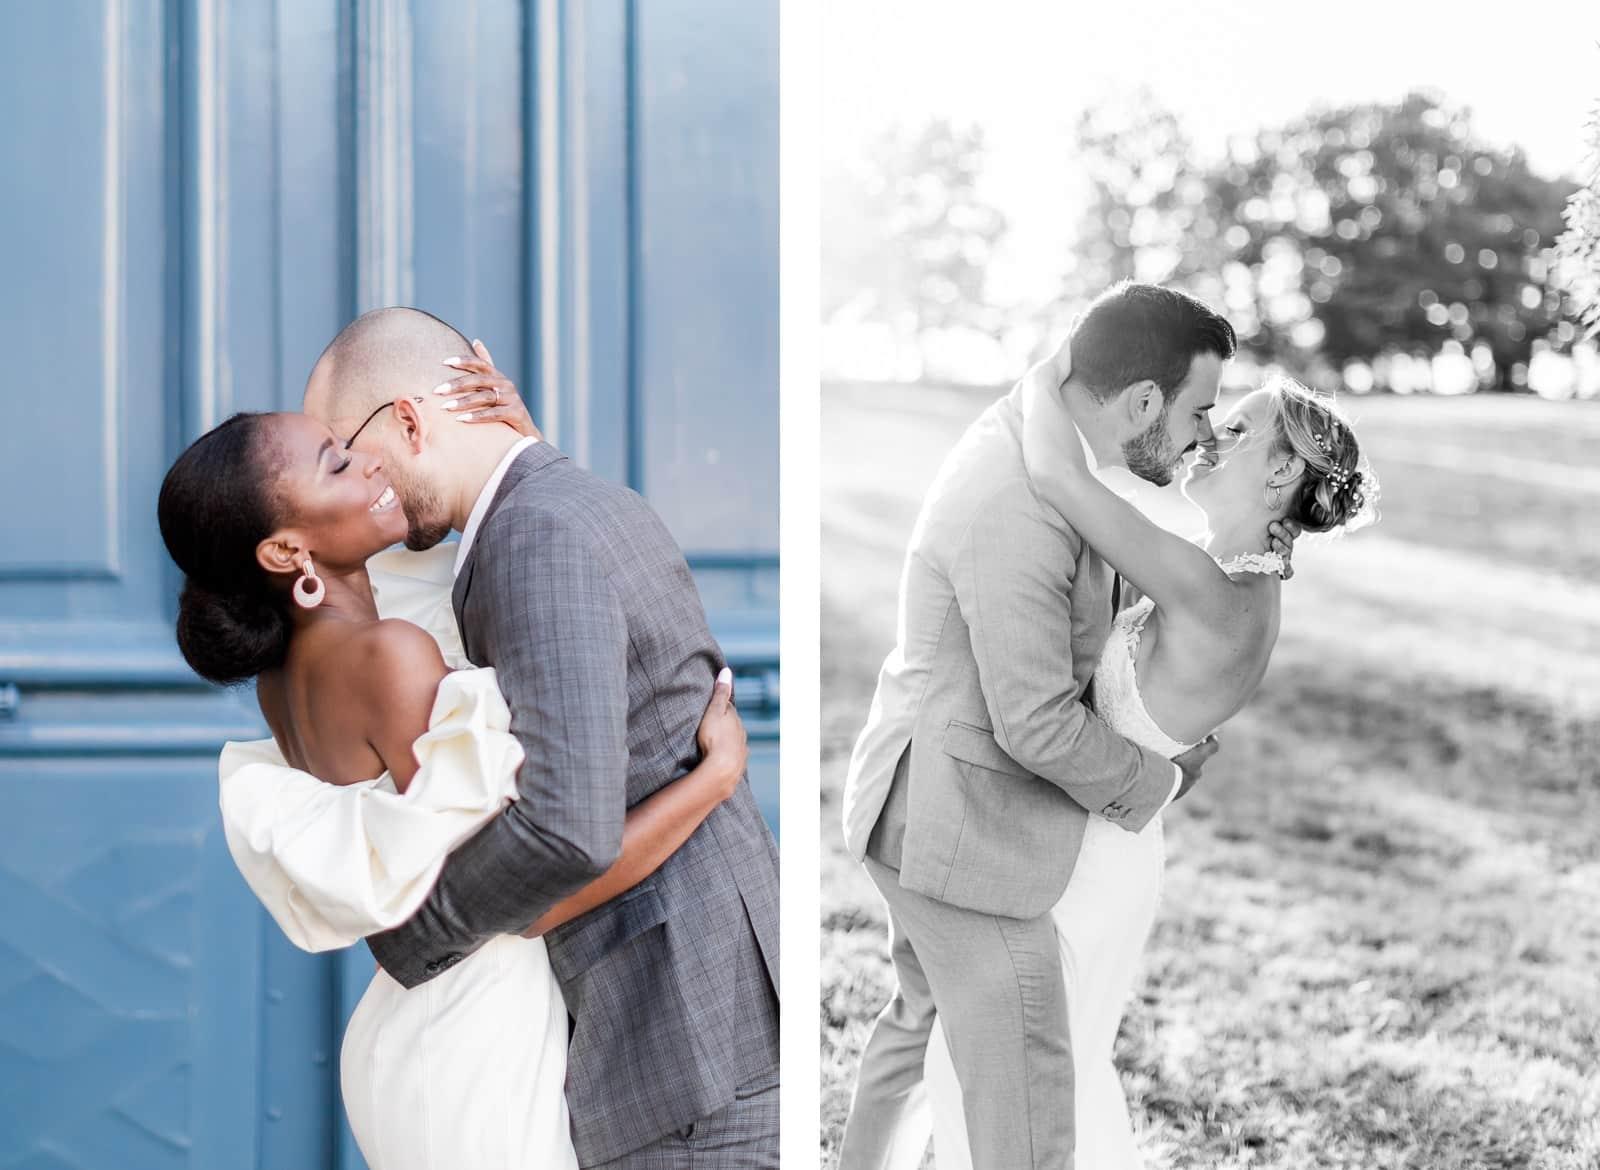 Photographie de Mathieu Dété, photographe de mariage sur l'île de La Réunion, présentant les meilleures poses pour des photos de couple, la fille bascule en arrière